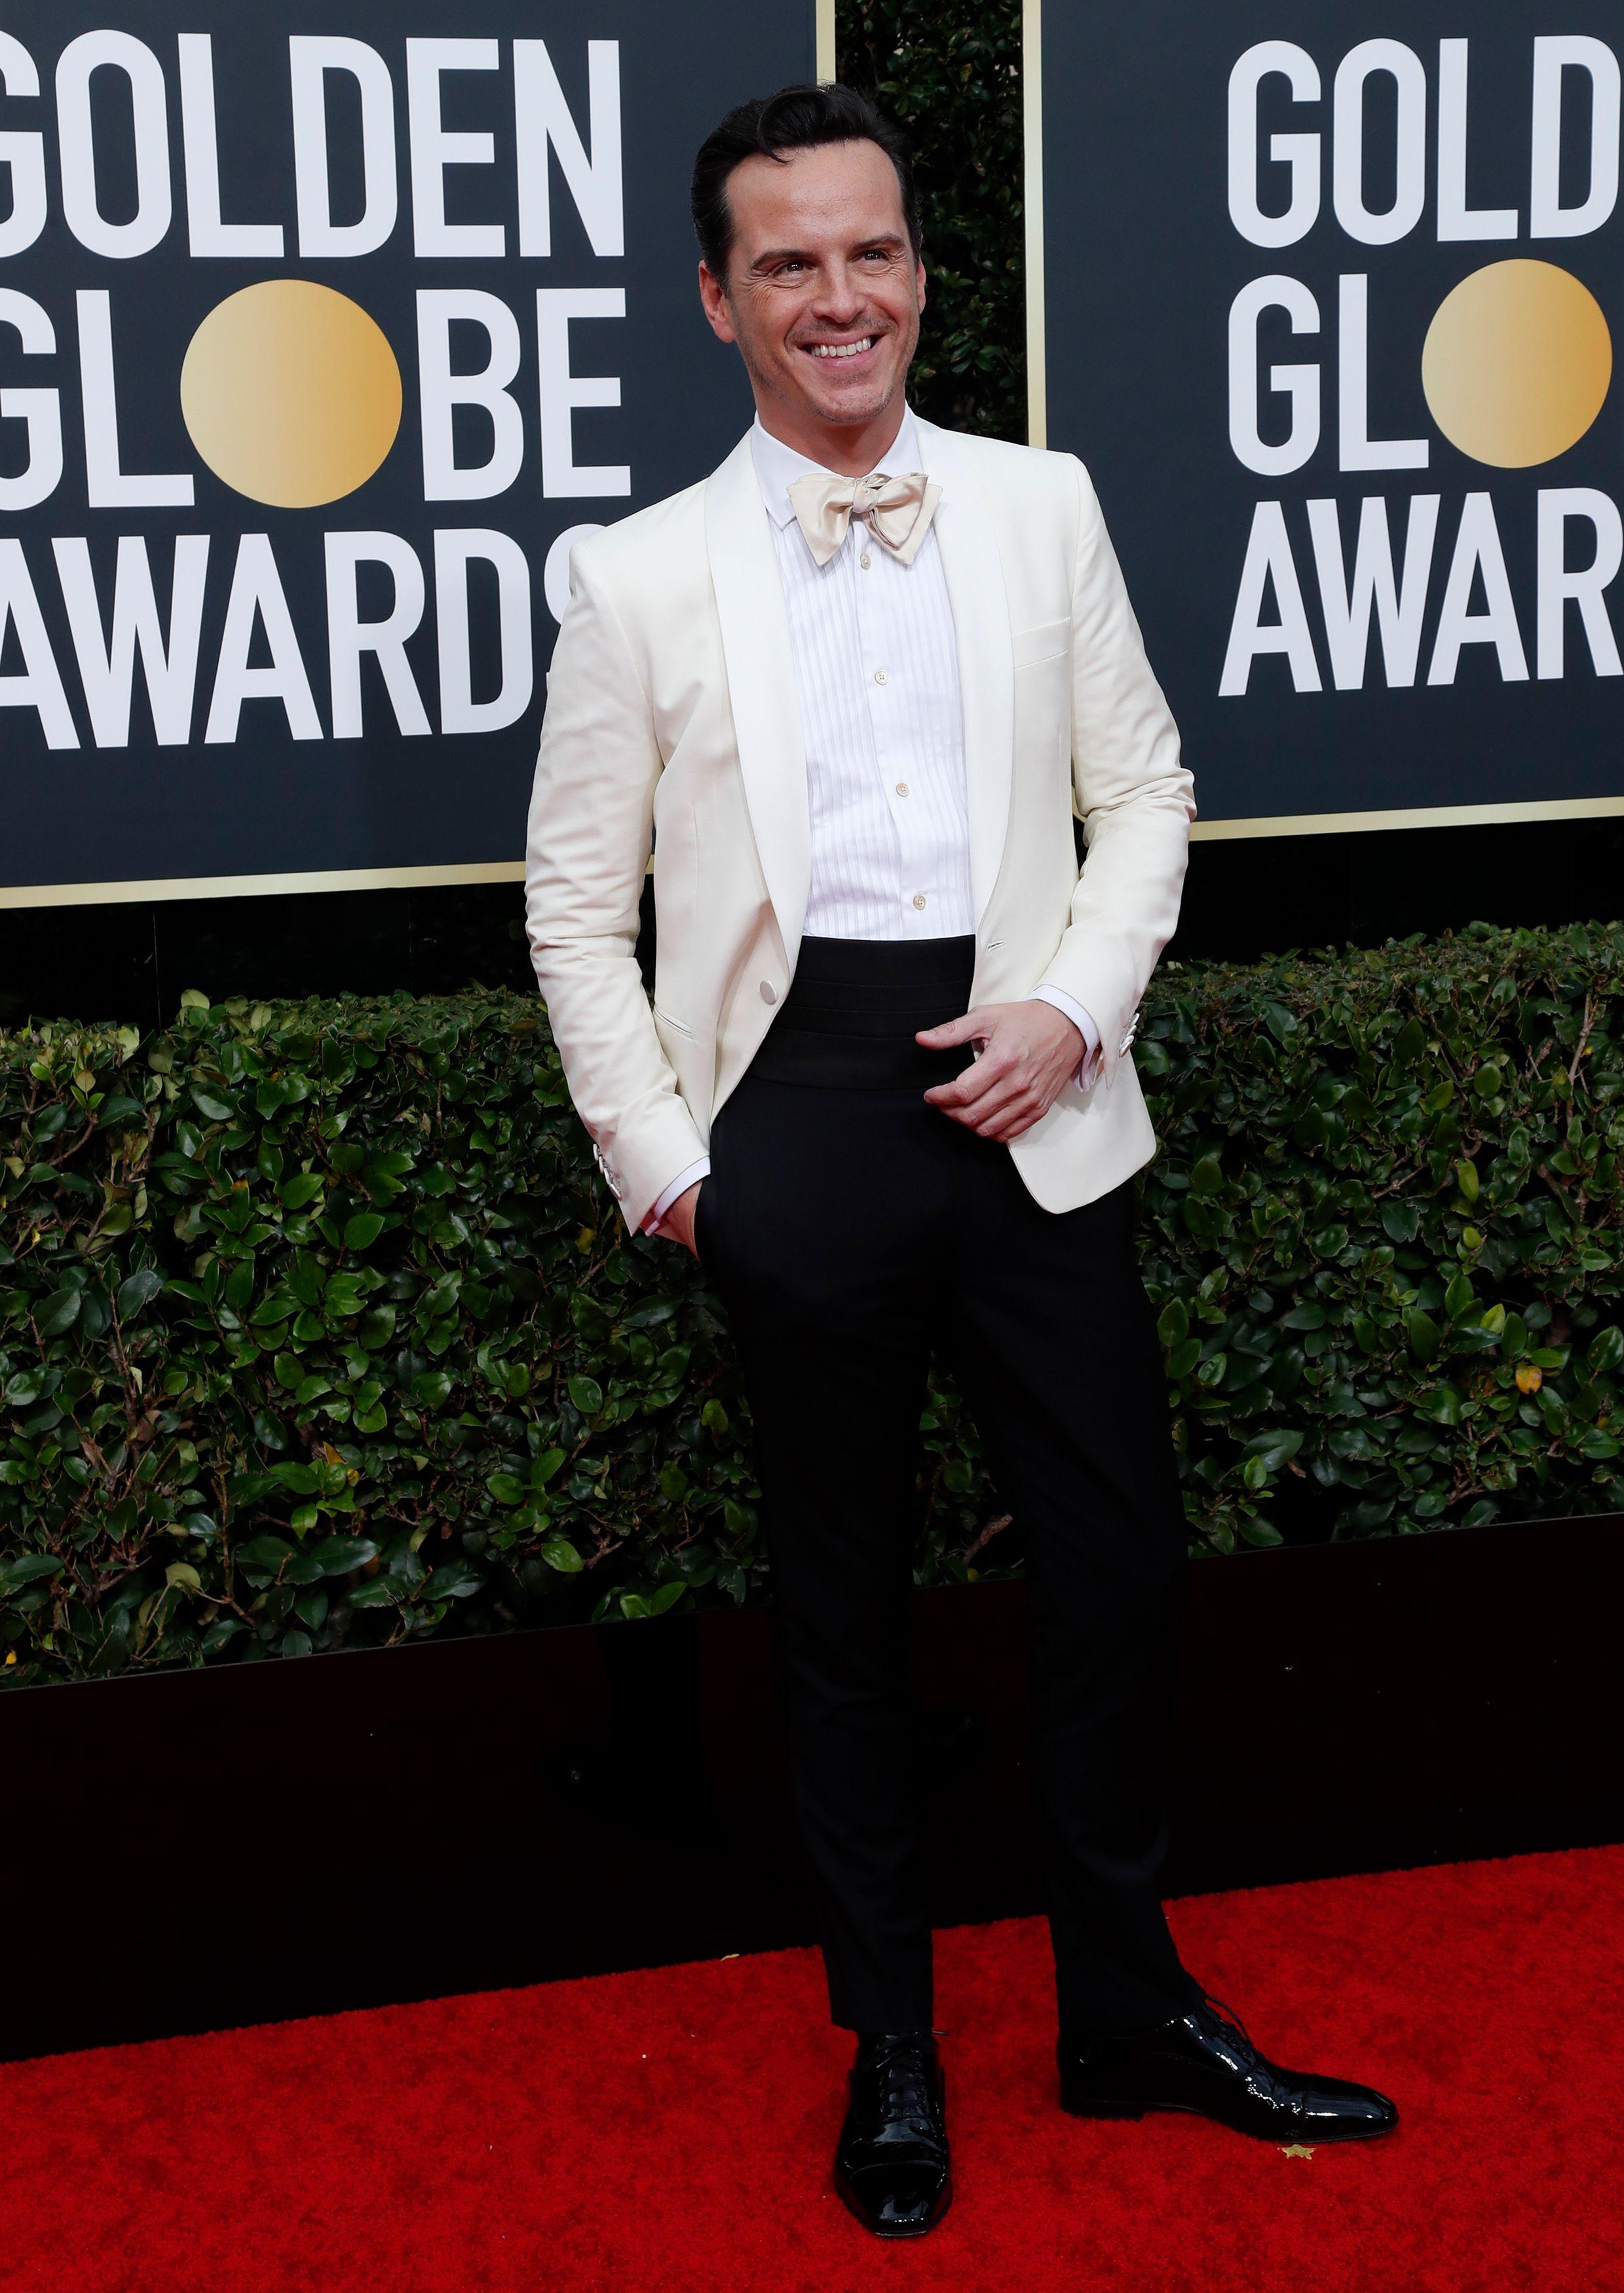 Andrew Scott lució un esmoquin bicolor de saco blanco y pantalón negro con camisa blanca y moño blanco. Completó su atuendo con zapatos de cuero negros